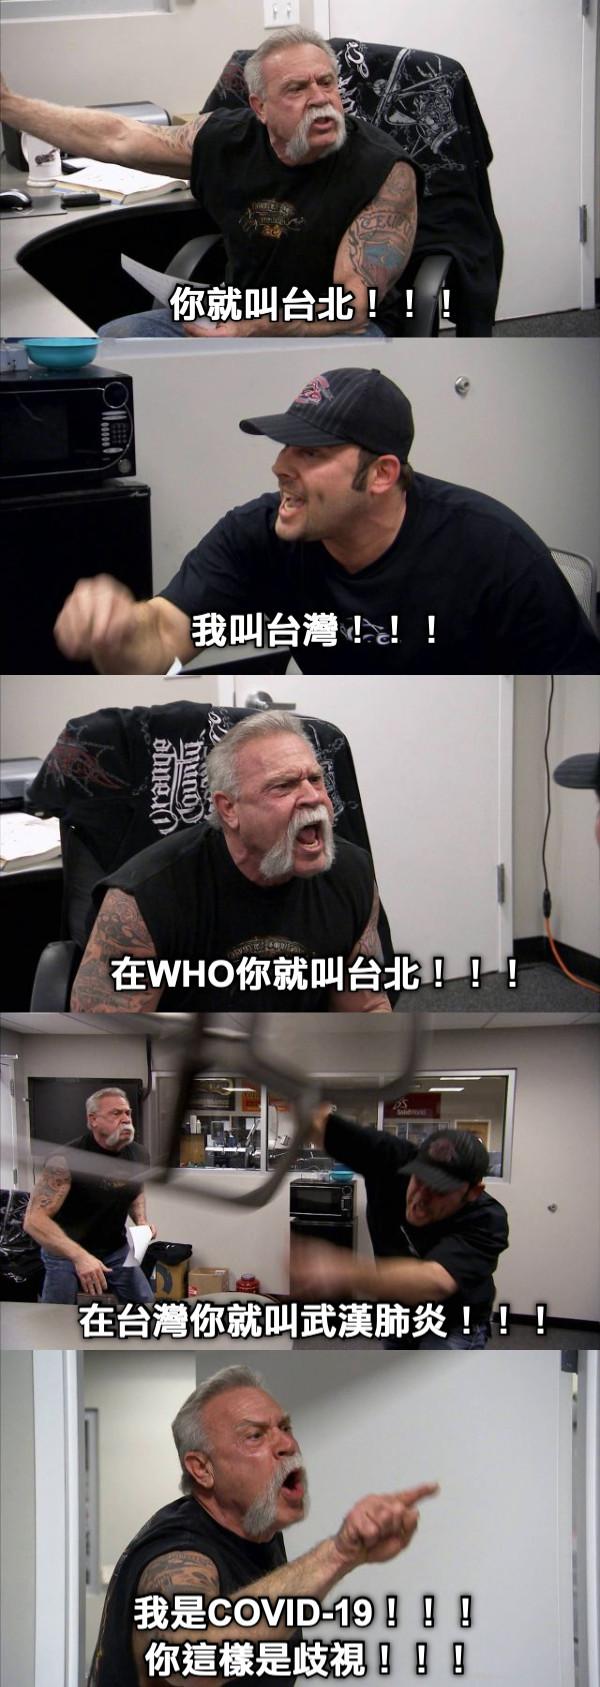 你就叫台北!!! 我叫台灣!!! 在WHO你就叫台北!!! 在台灣你就叫武漢肺炎!!! 我是COVID-19!!! 你這樣是歧視!!!